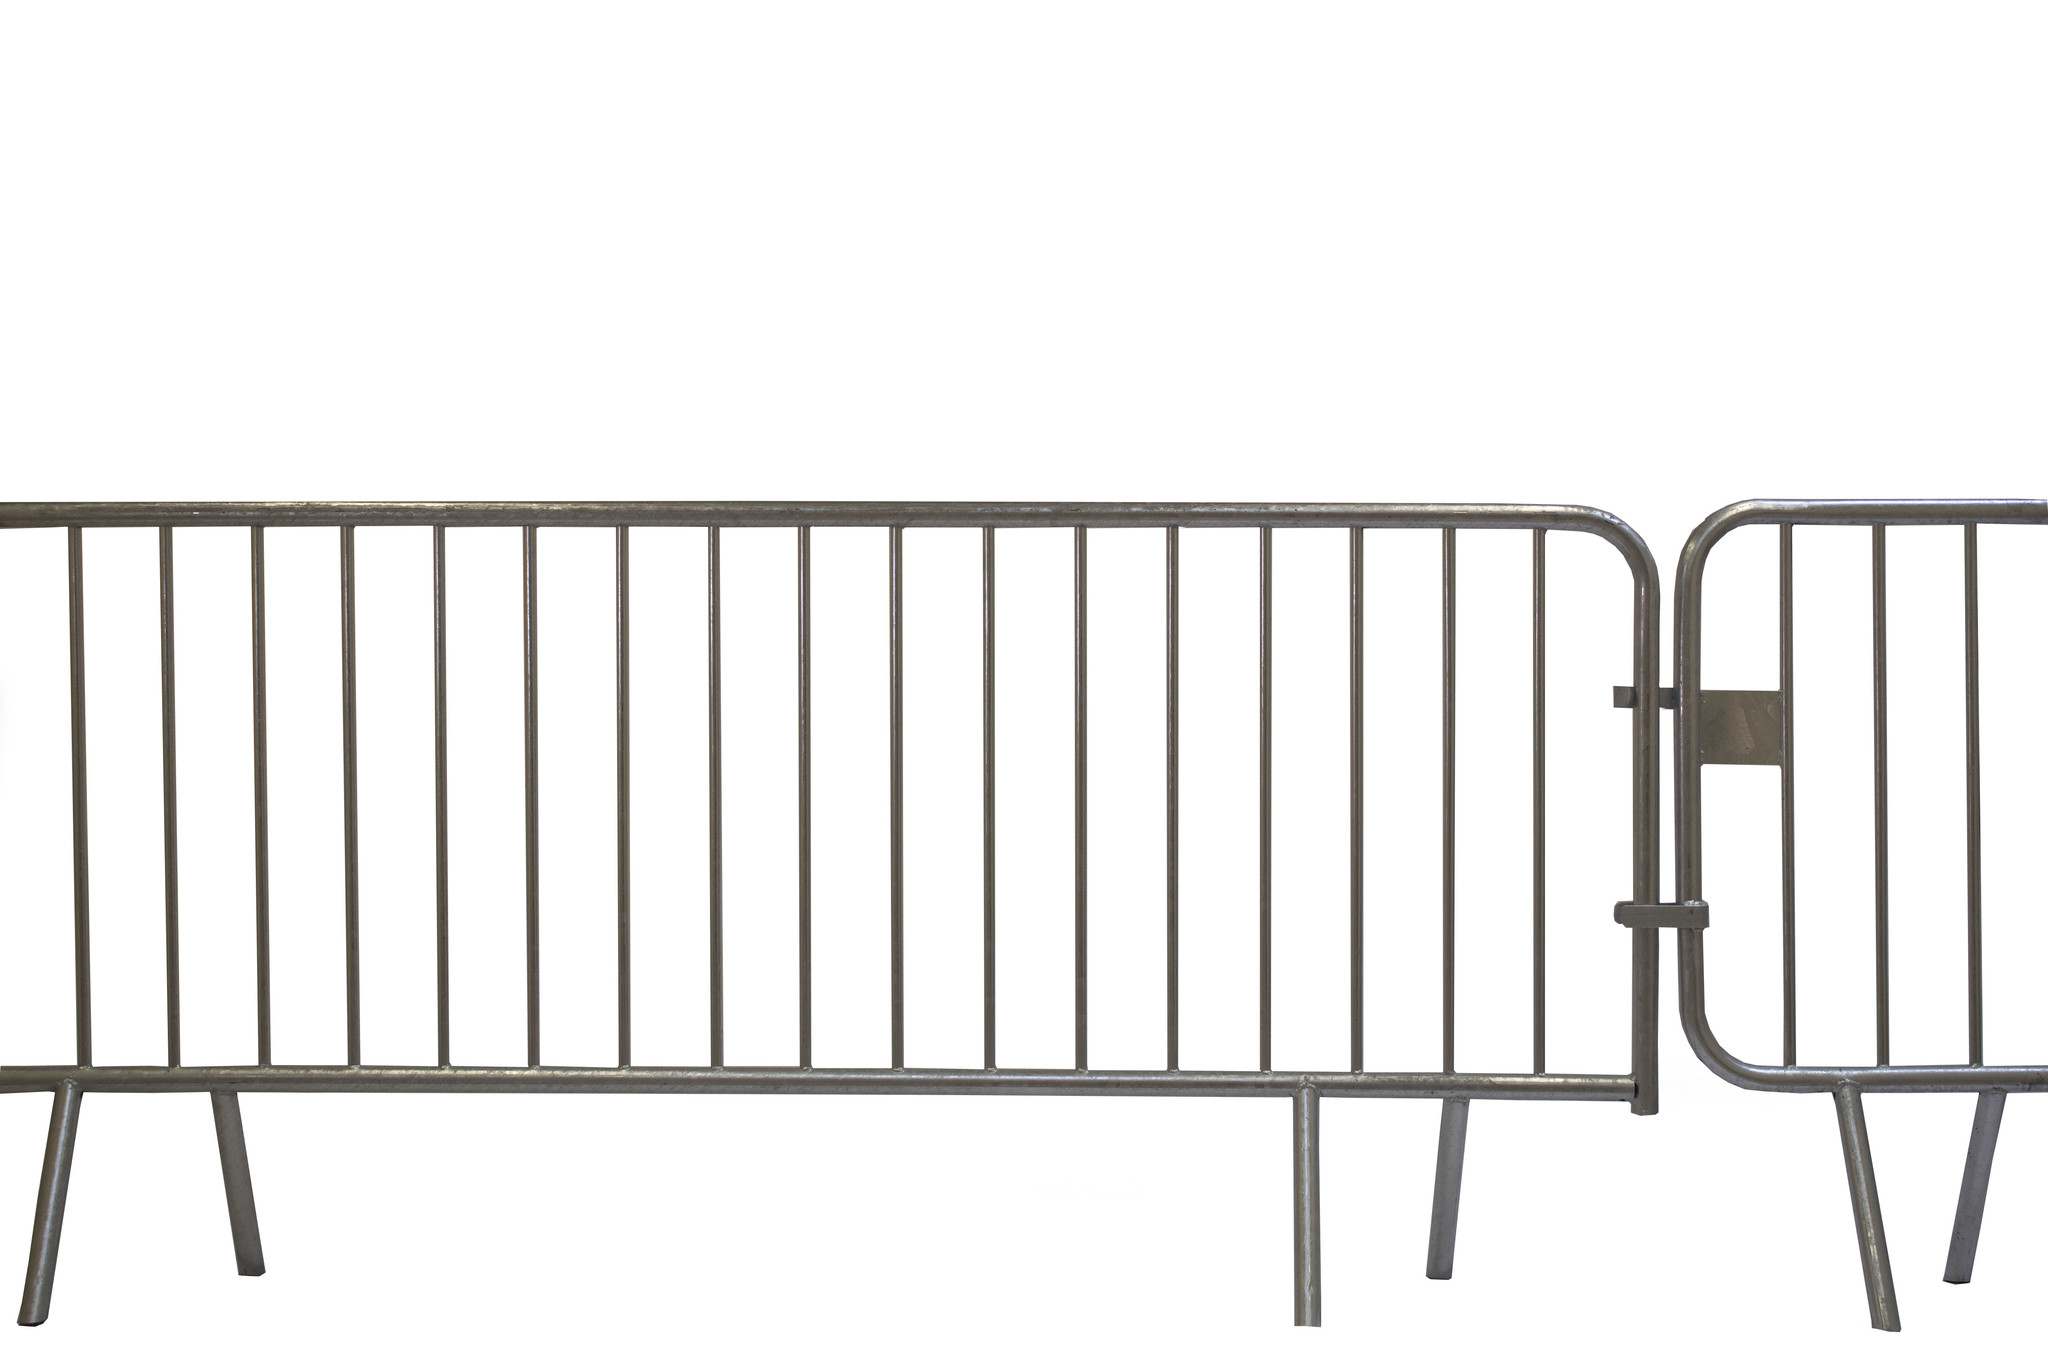 Barrière de police/Barrière Nadar 18 barreaux - 250 x 110 cm